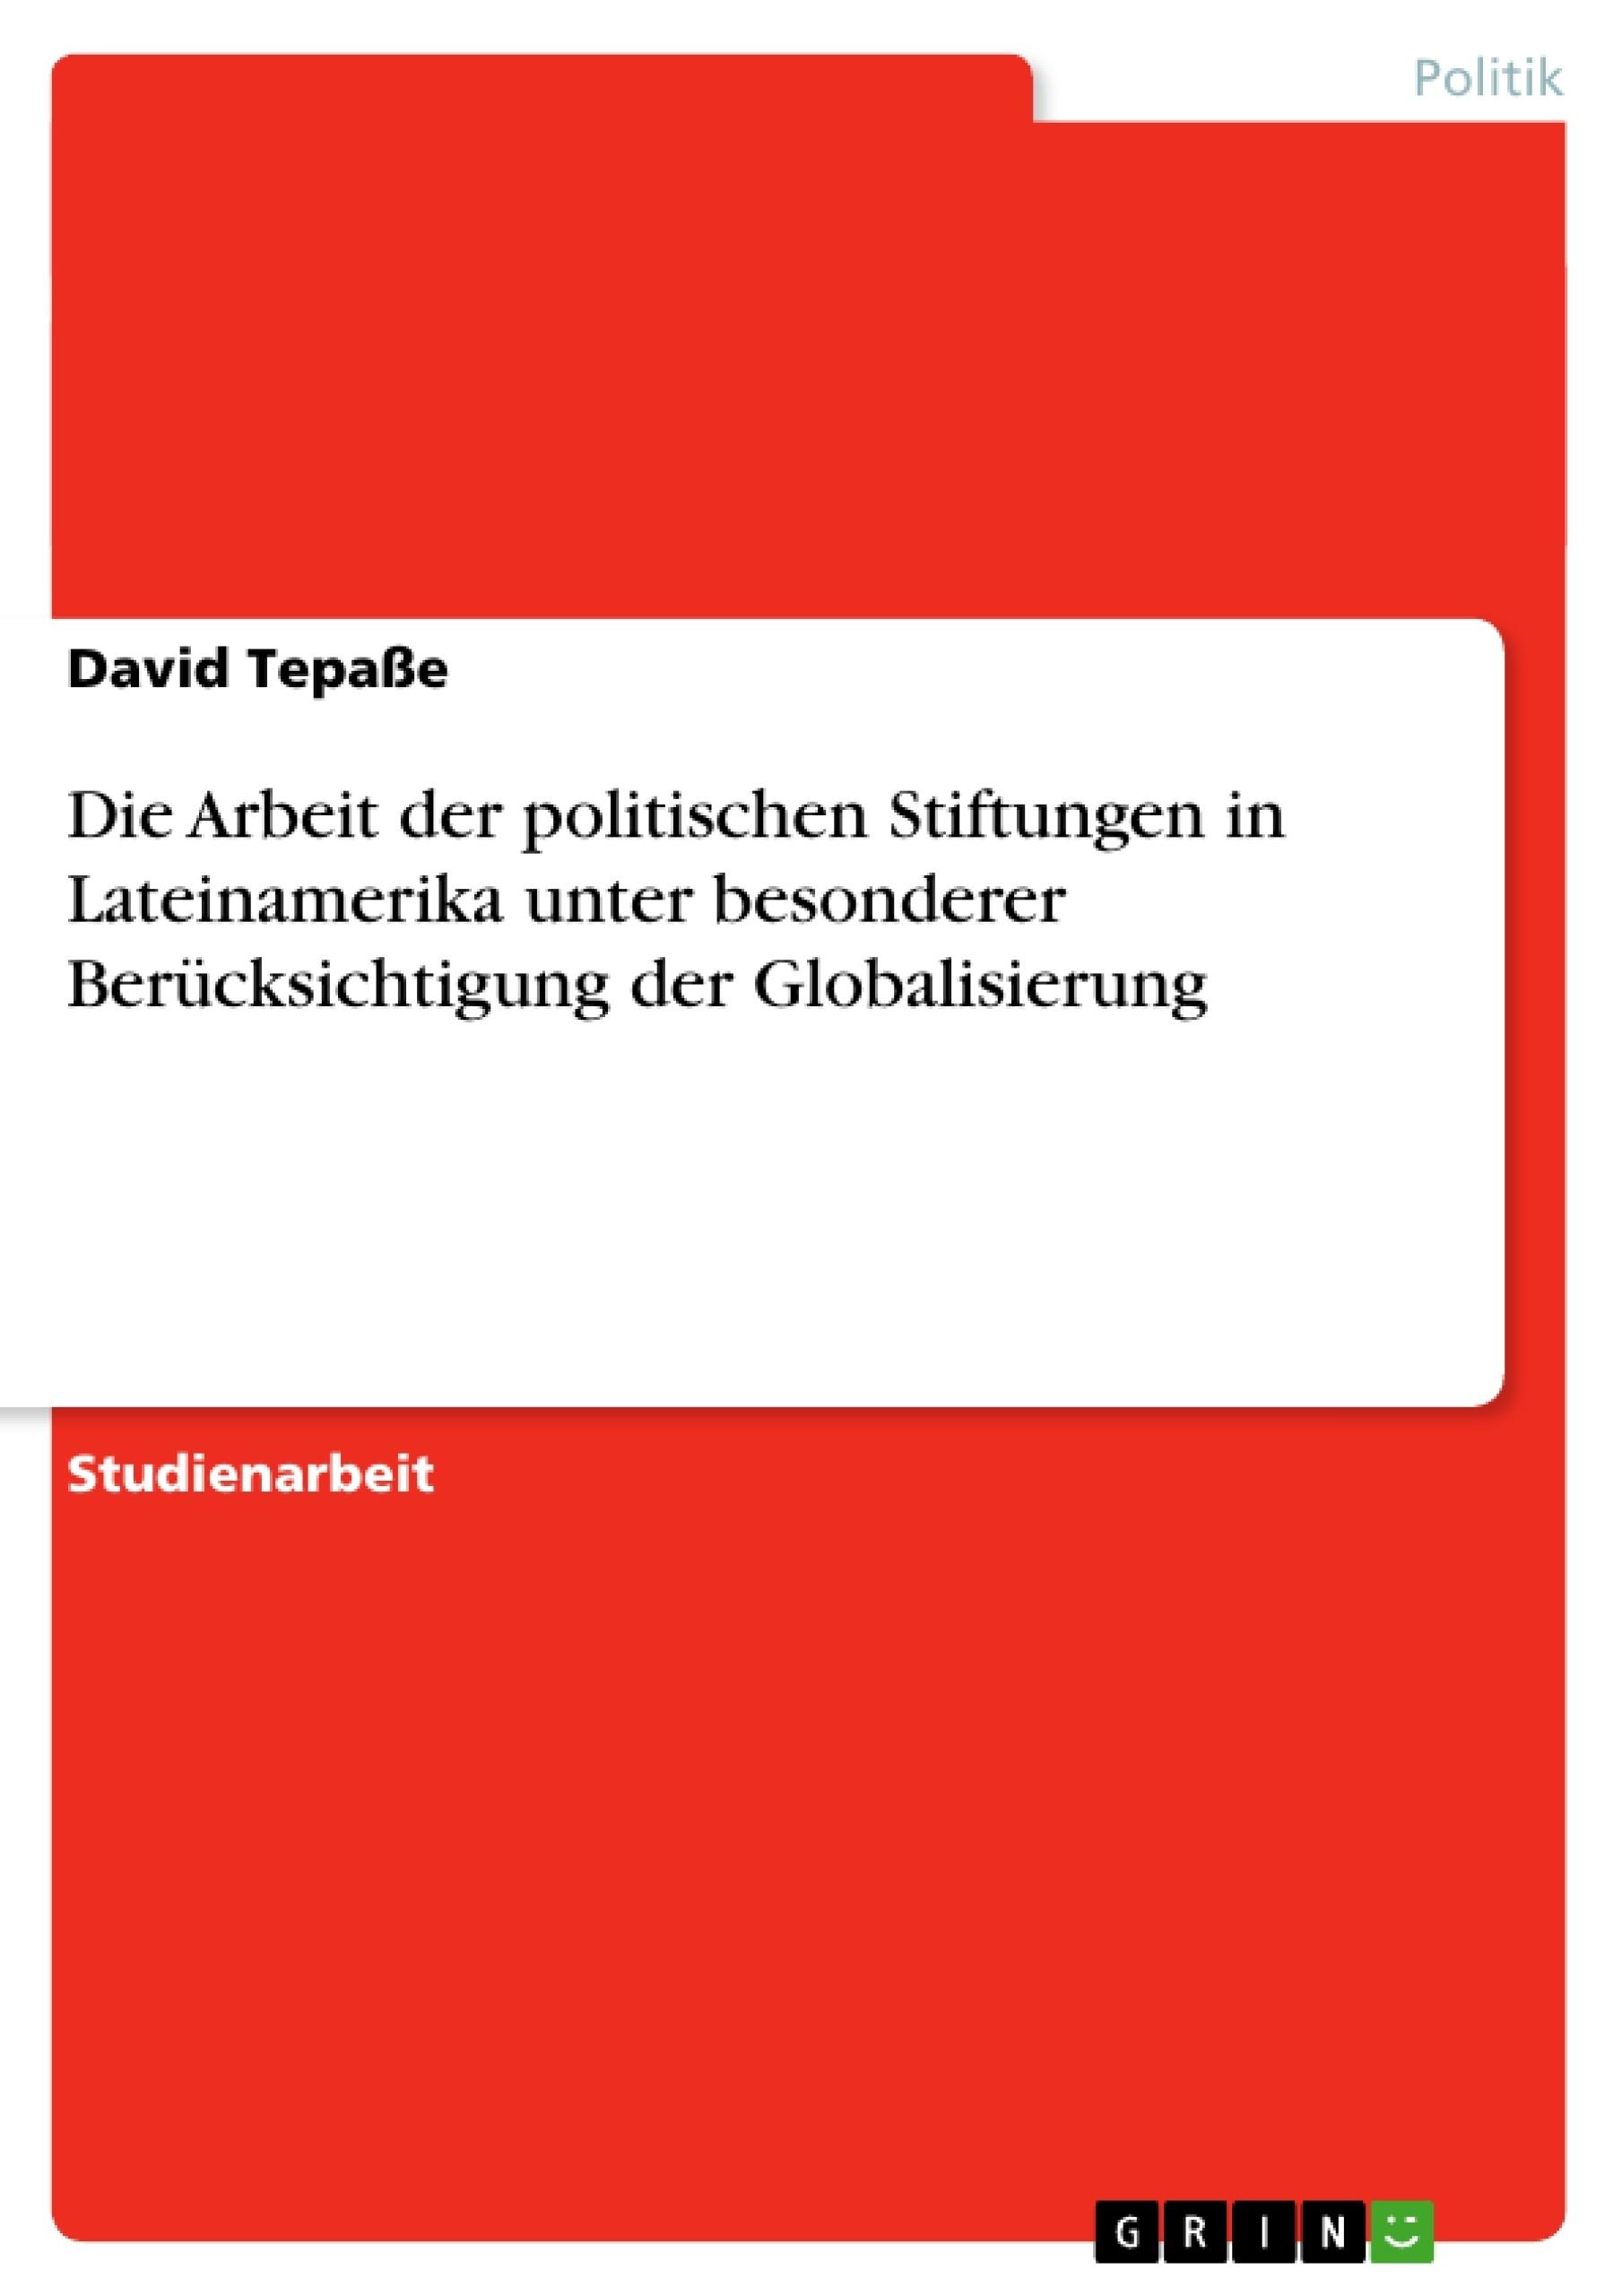 Titel: Die Arbeit der politischen Stiftungen in Lateinamerika unter besonderer Berücksichtigung der Globalisierung